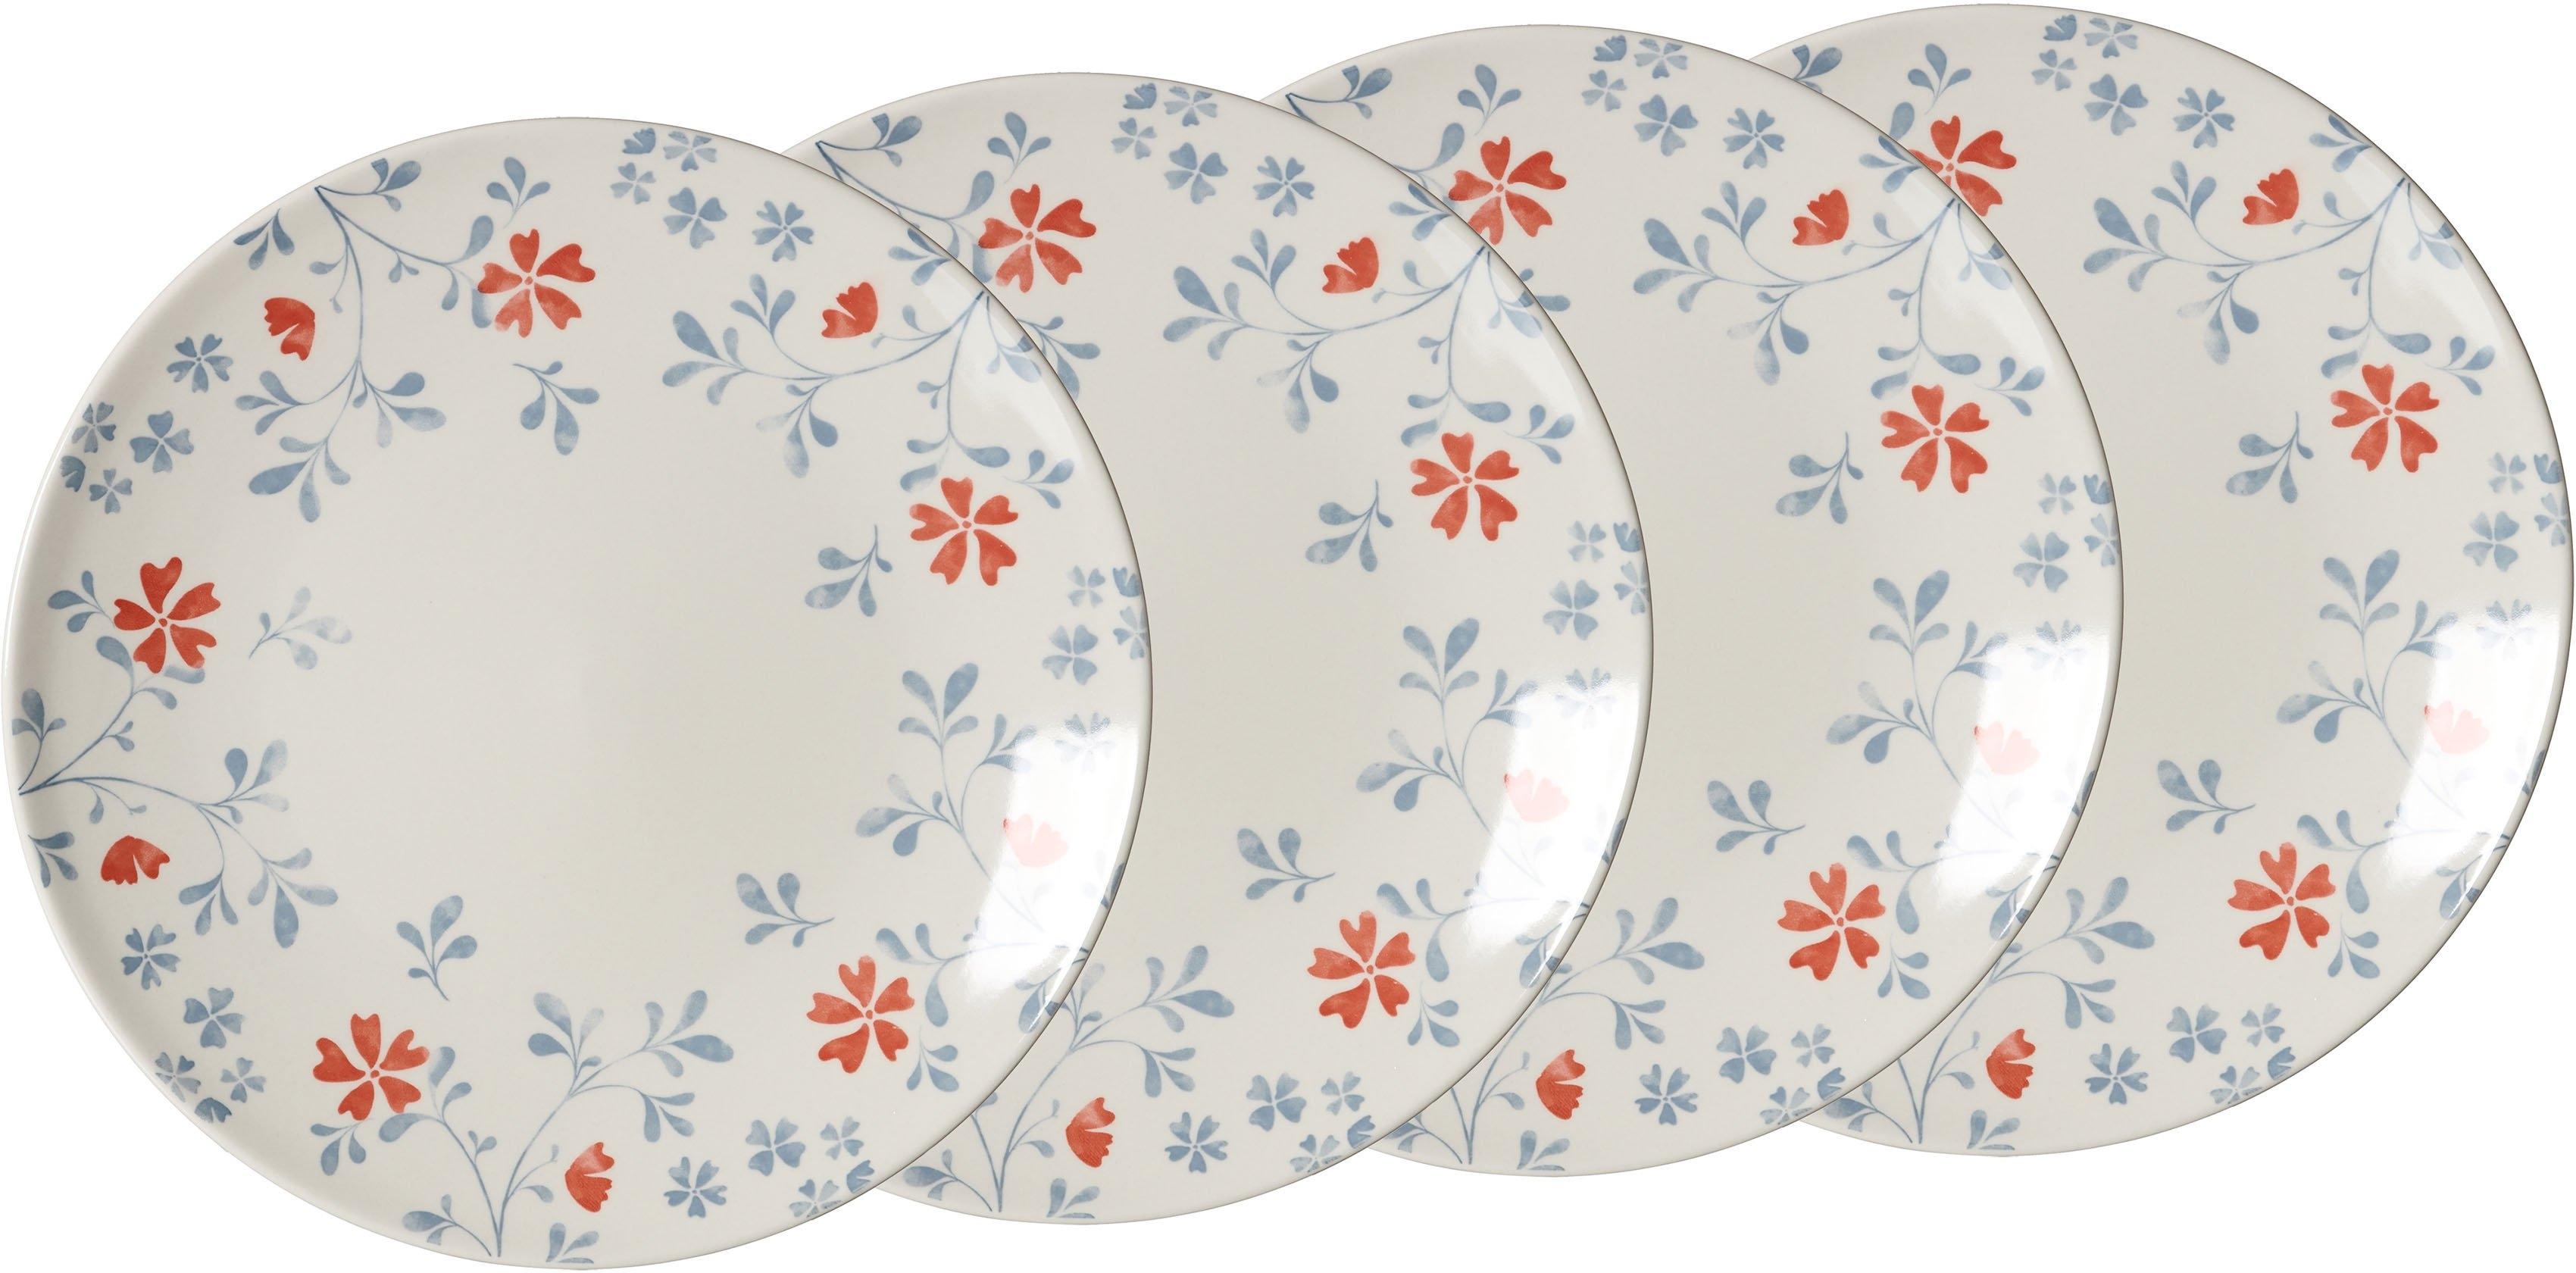 Ritzenhoff & Breker plat bord Julia met bloemmotief-decor, ø 26,5 cm (set, 4 stuks) - gratis ruilen op otto.nl